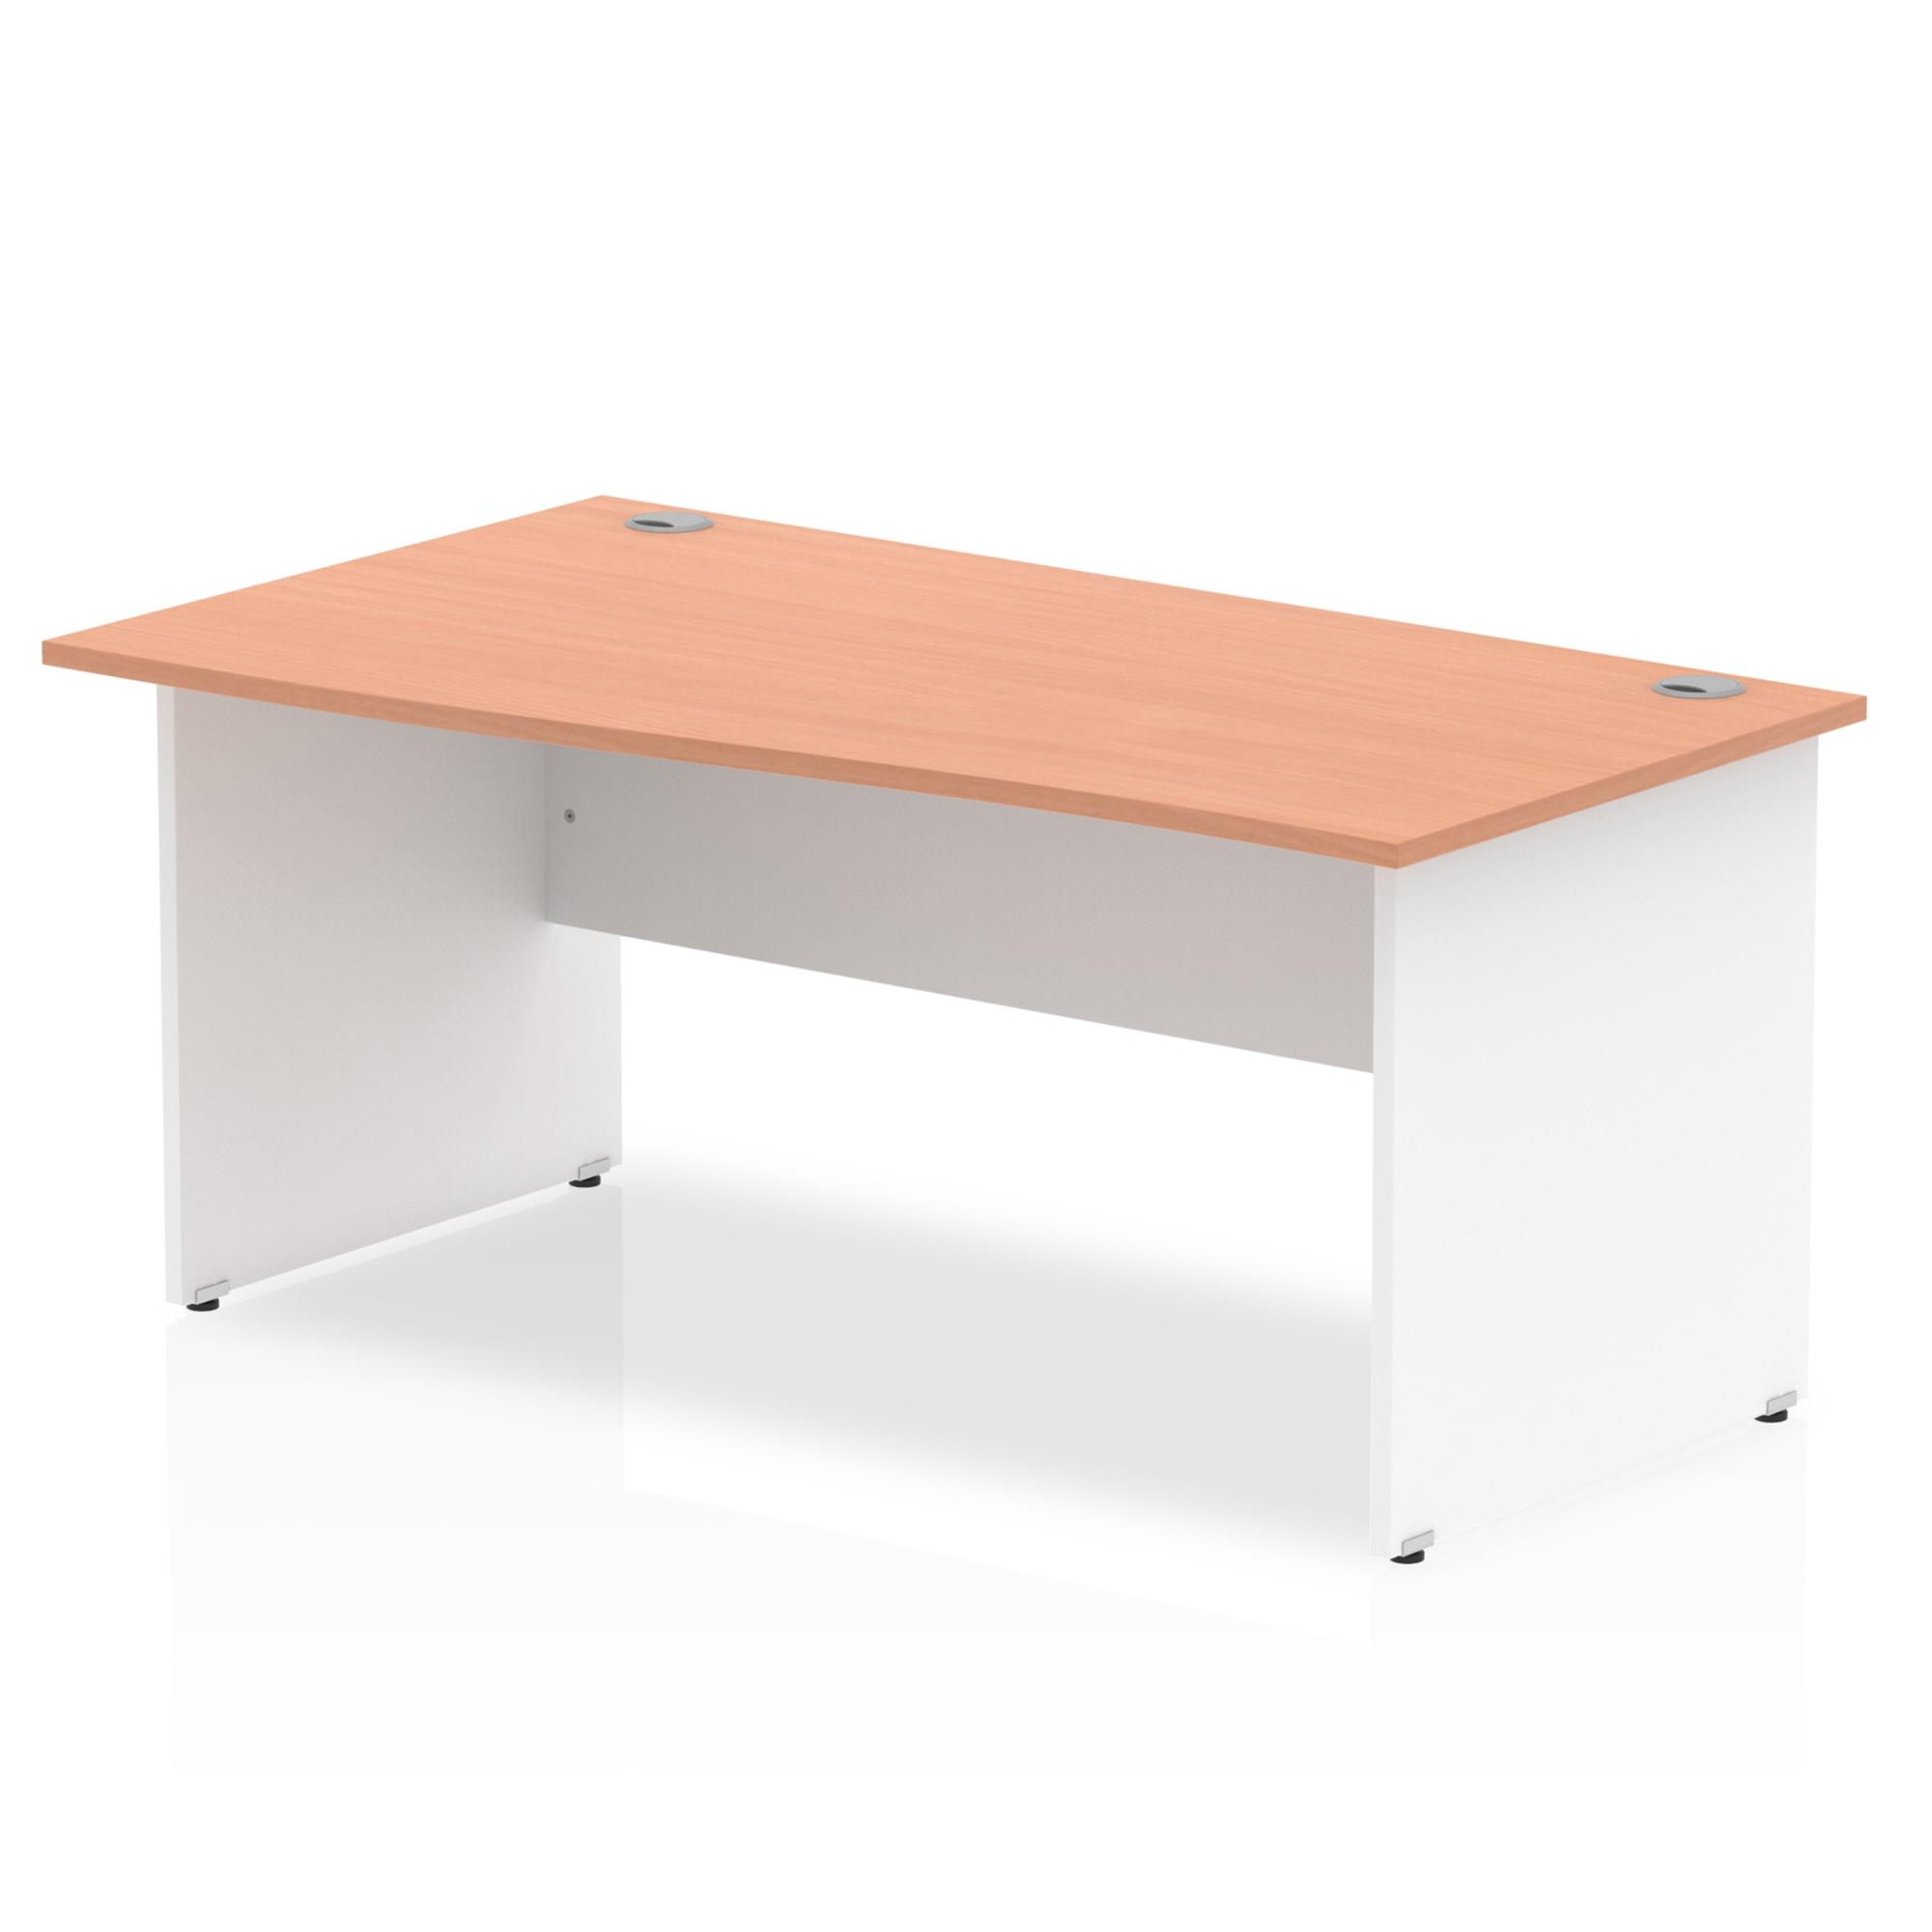 Trexus Desk Wave Left Hand Panel End 1600x800mm Beech Top White Panels Ref TT000063